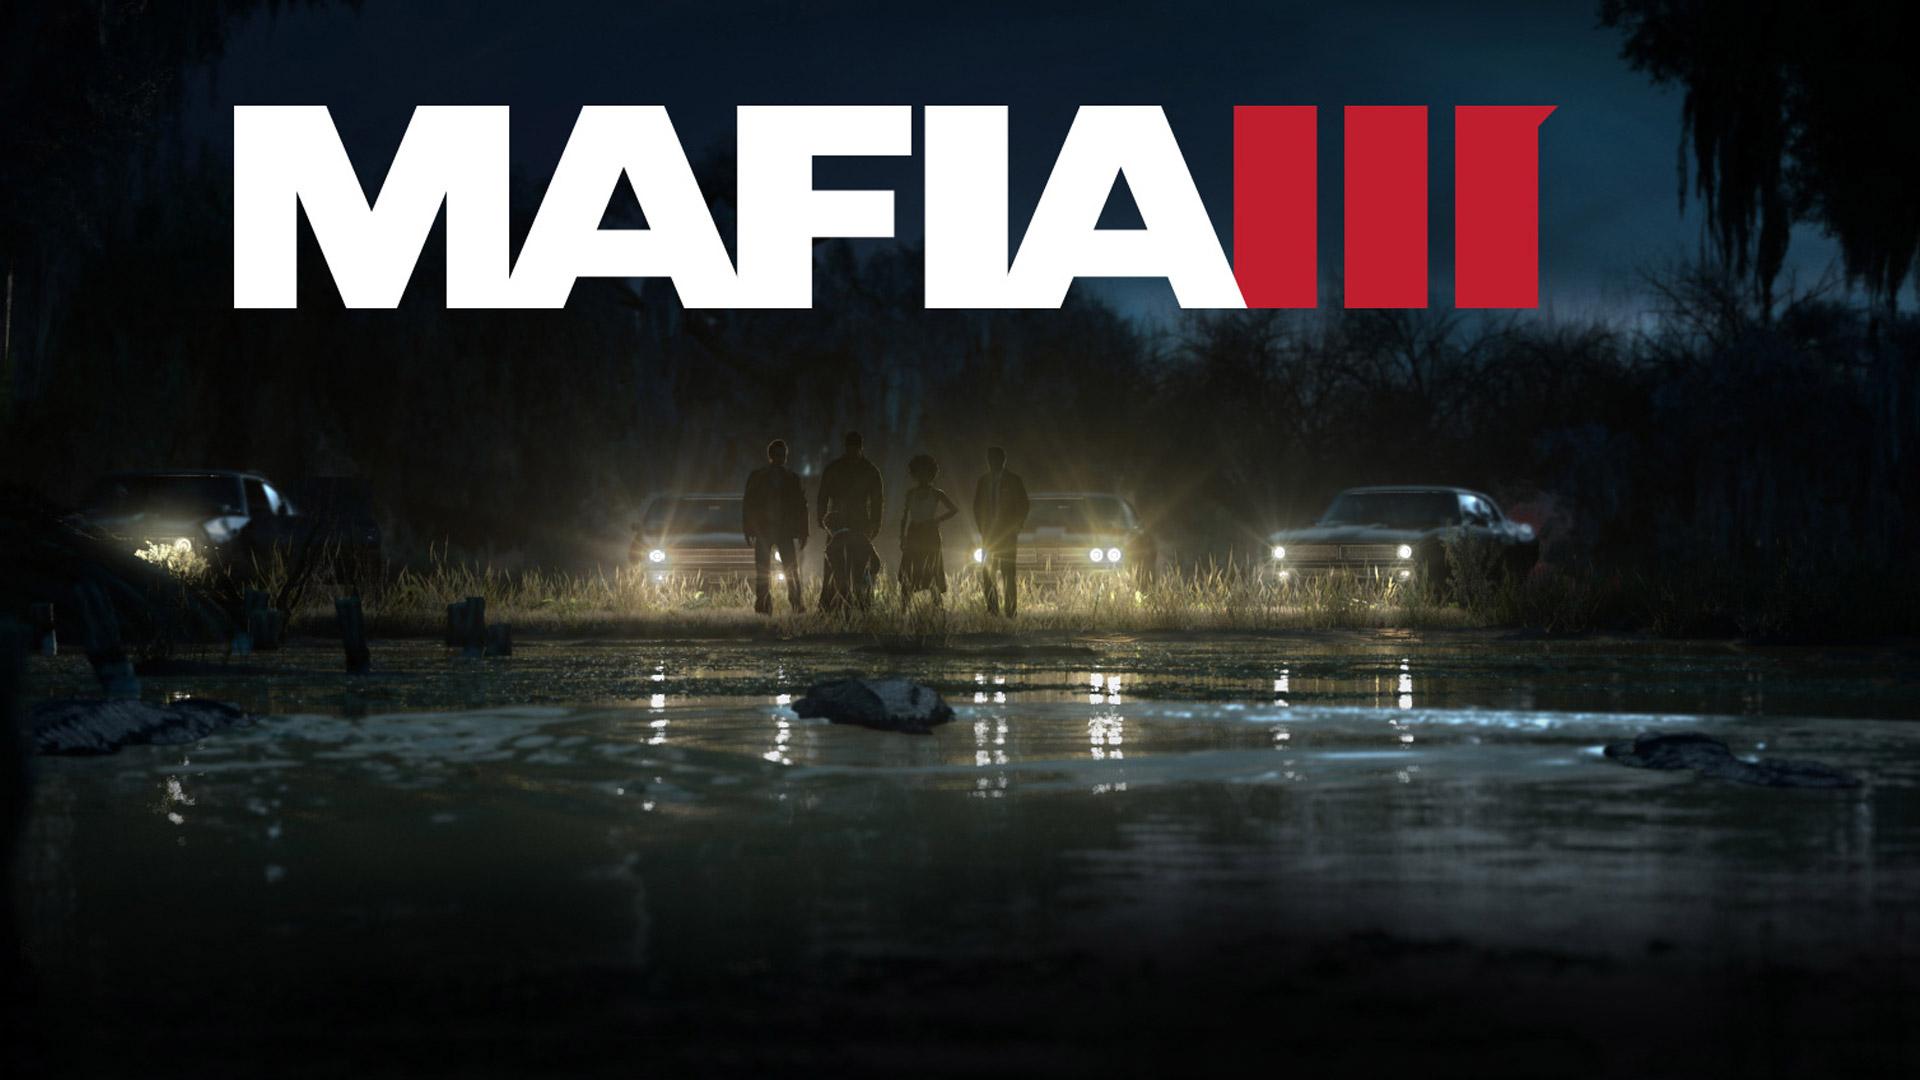 Mafia 3 wallpaper 2